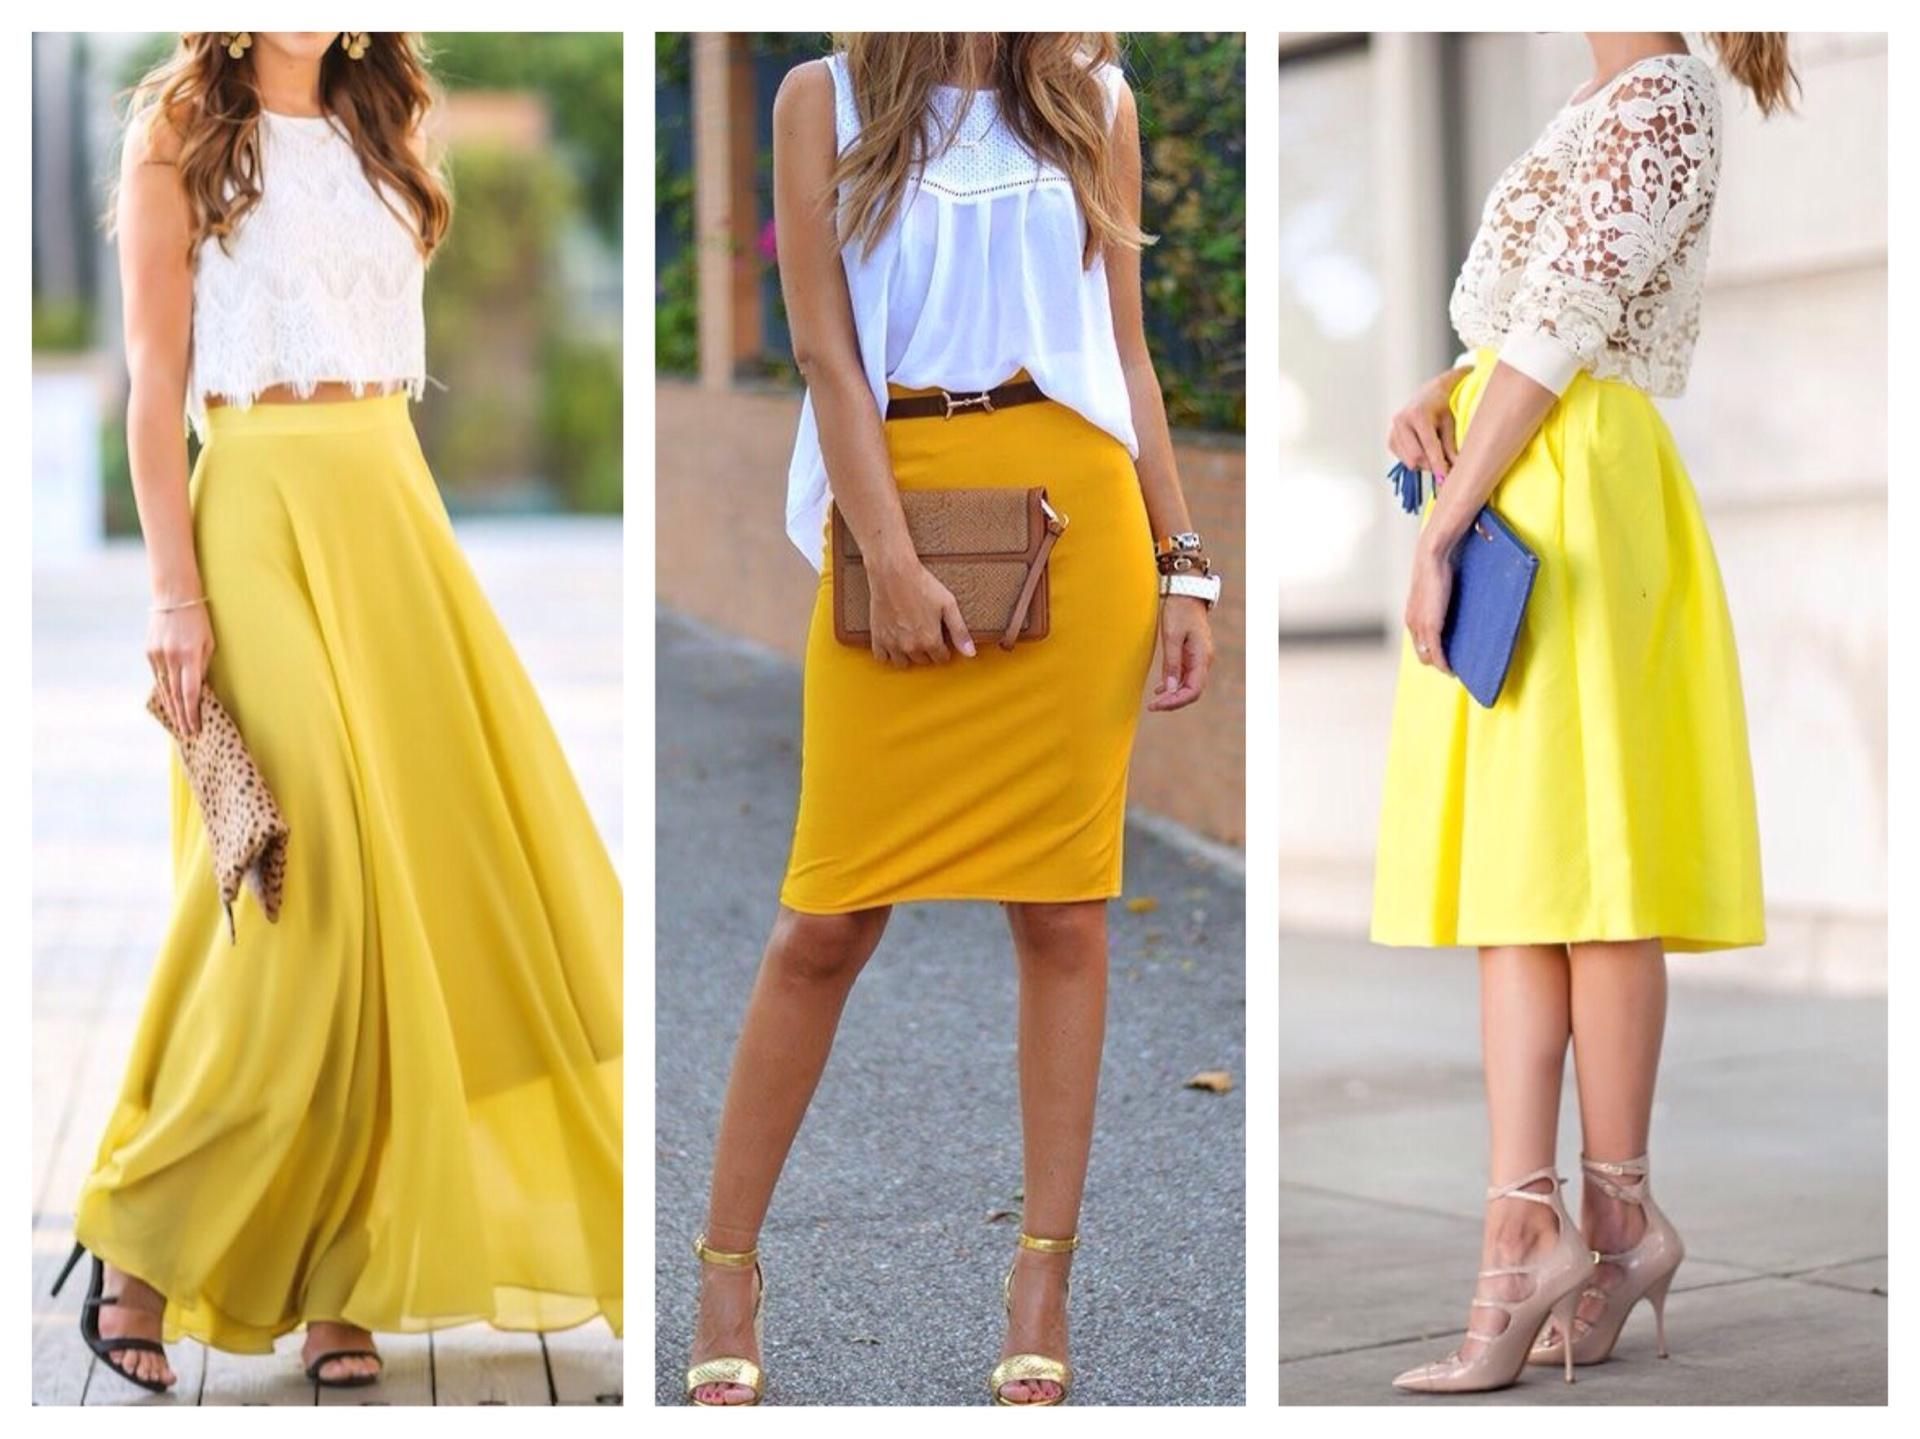 Юбка желтого цвета с чем ее носить